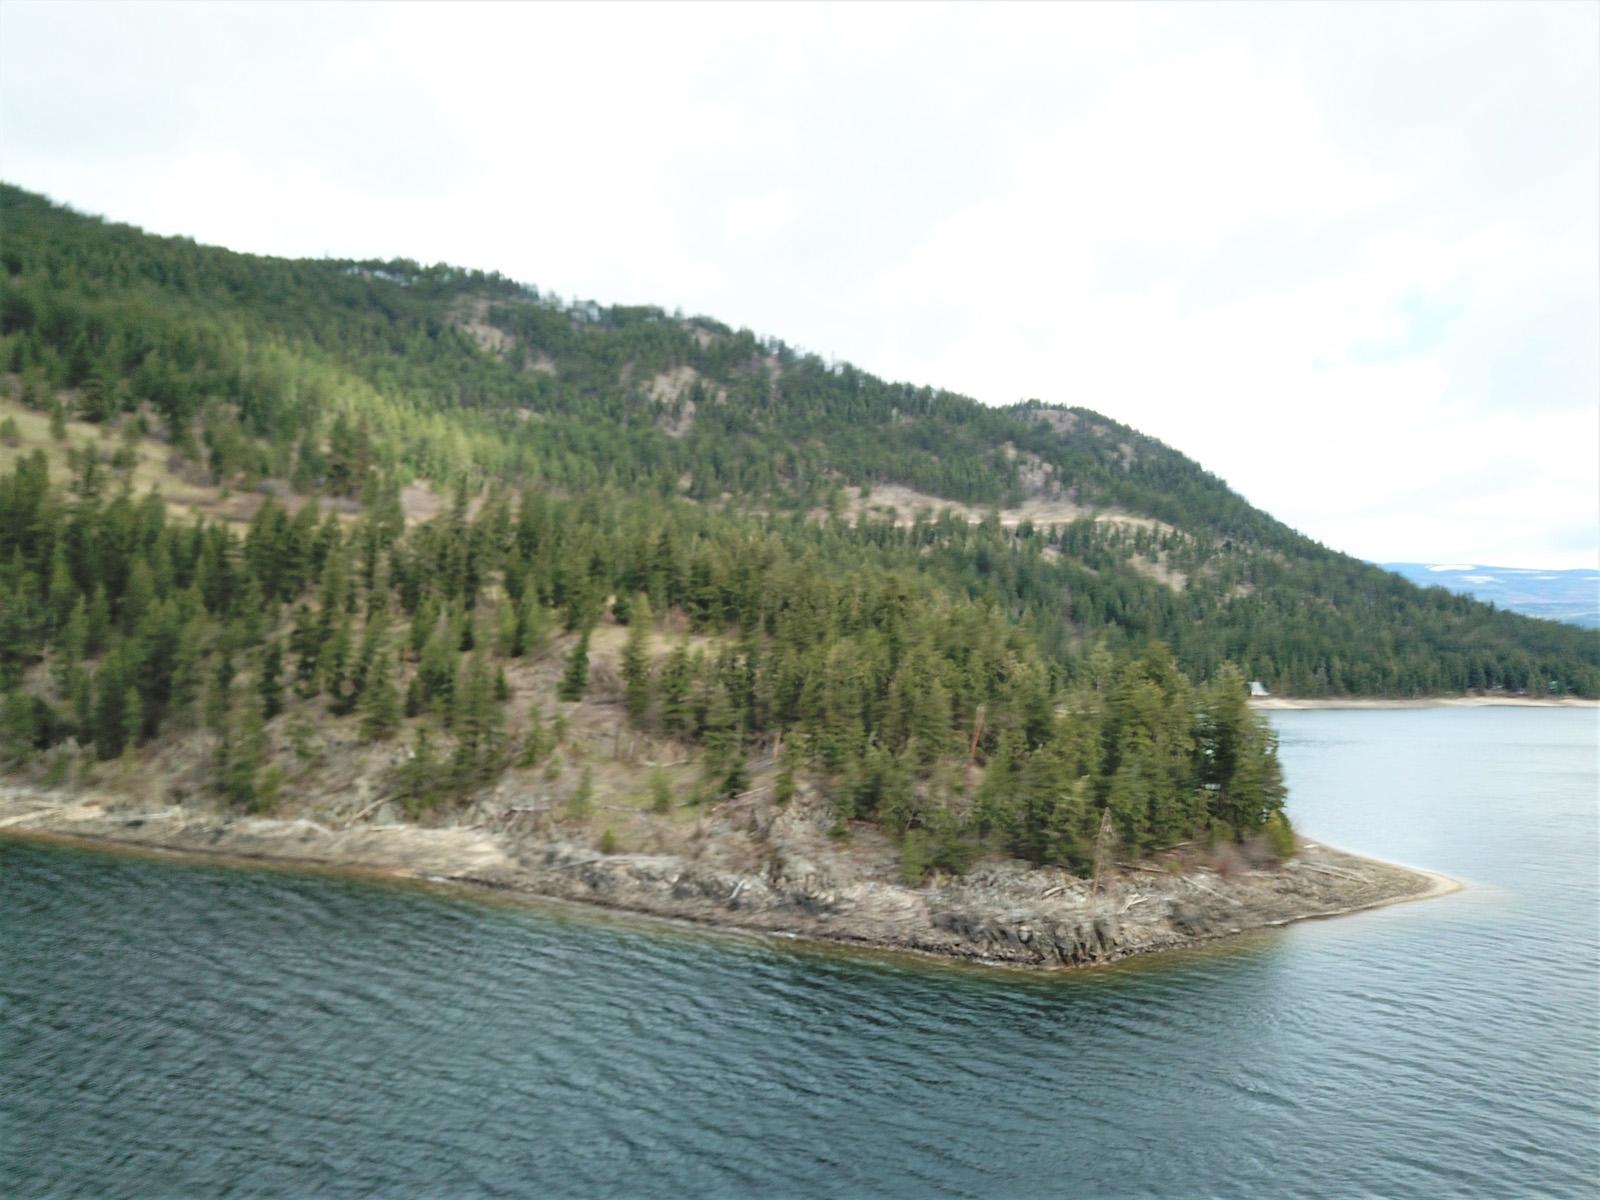 Little shuswap lake 11